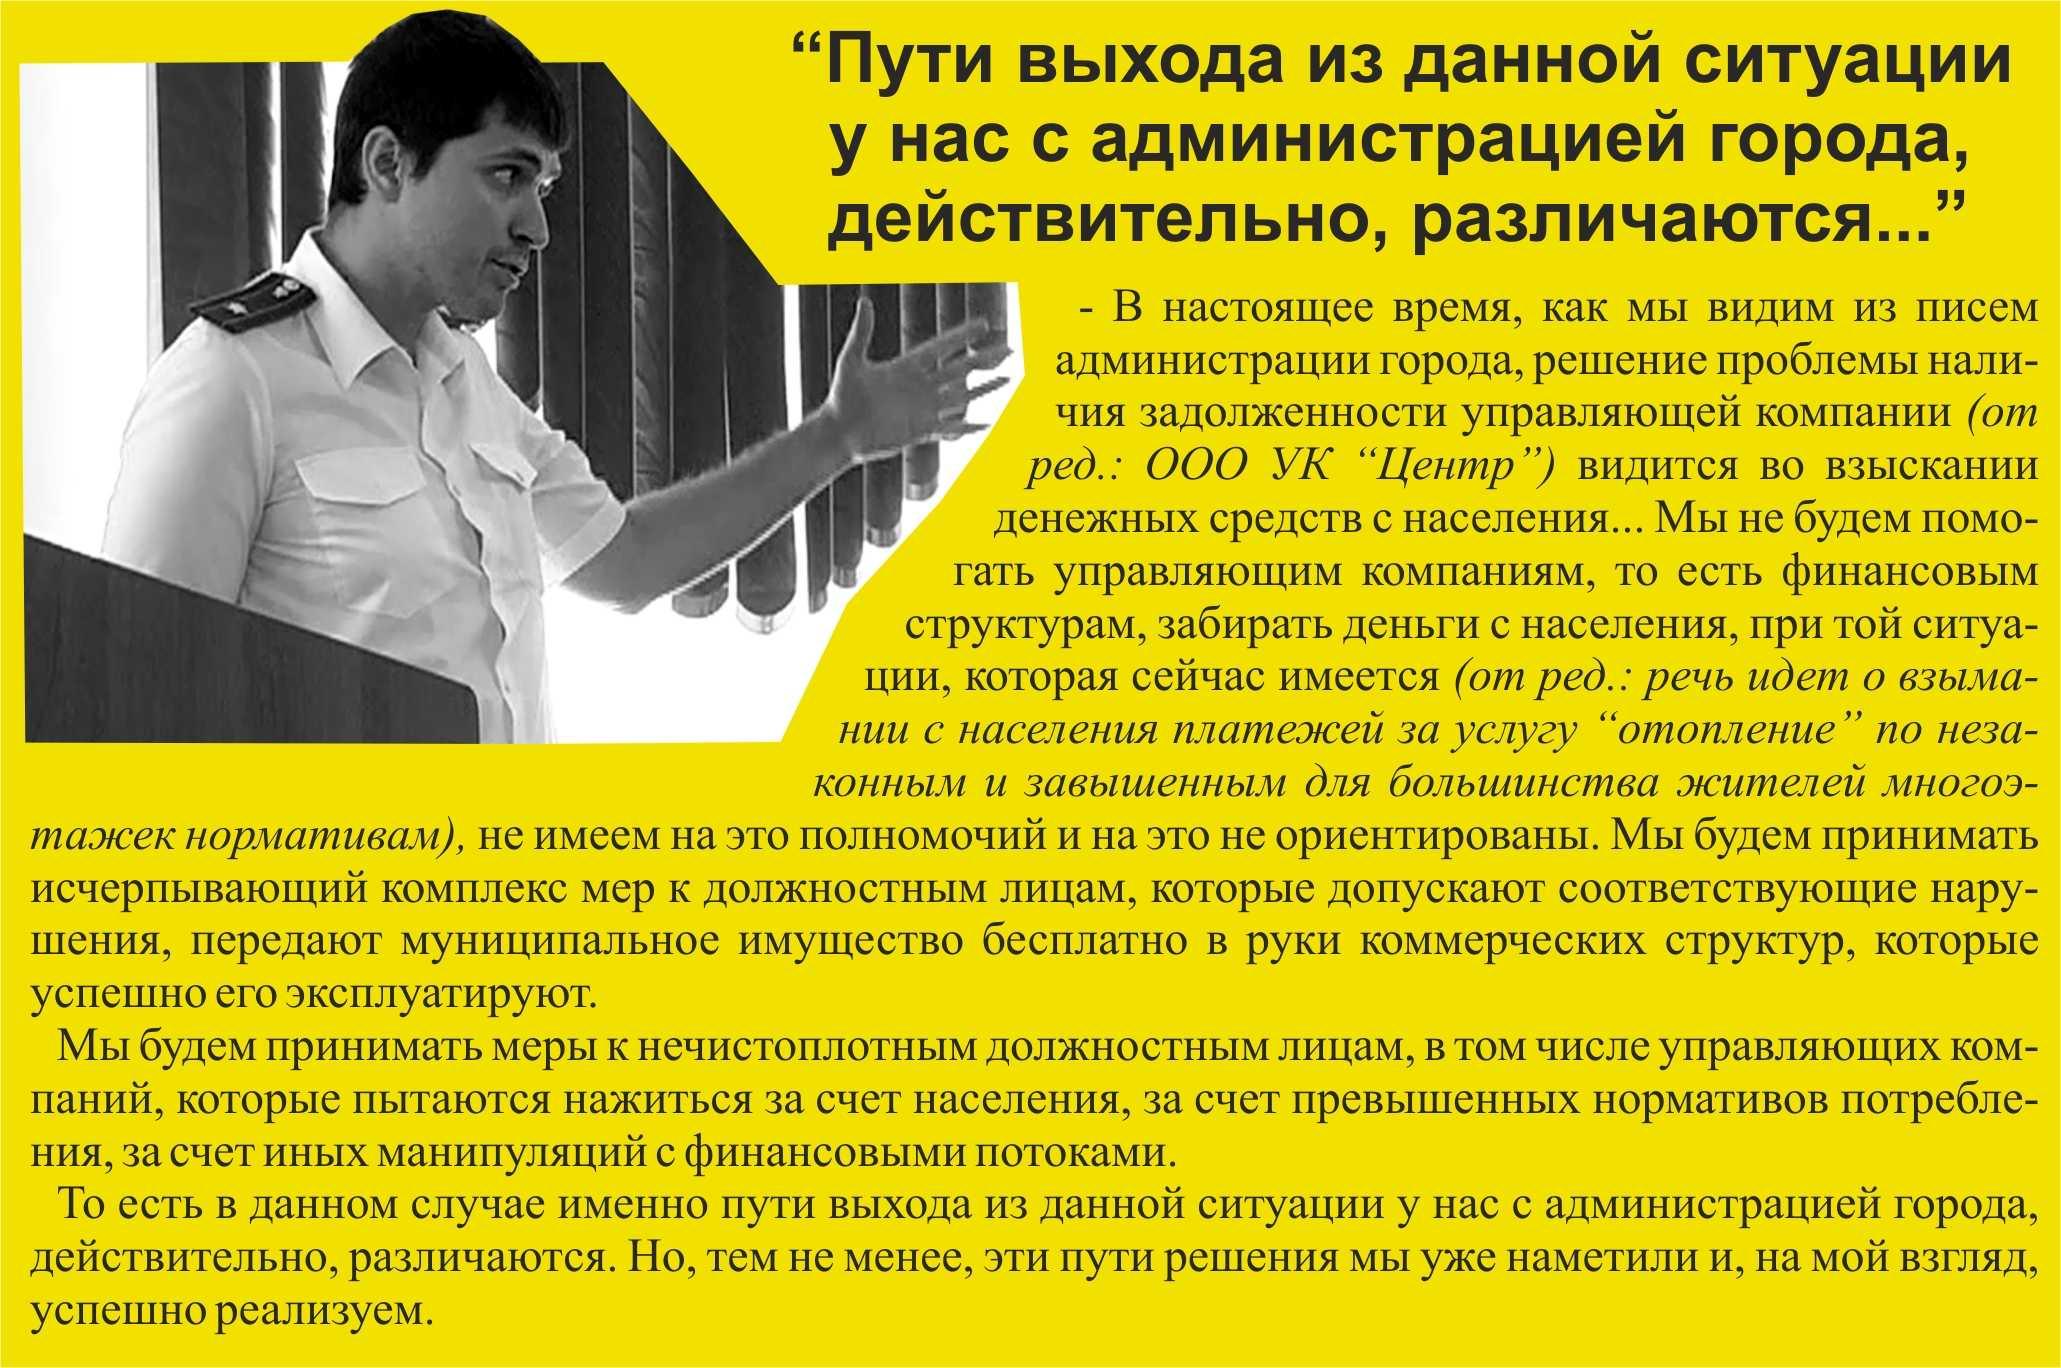 Прокурор г.Ахтубинска: Мы будем принимать меры к нечистоплотным должностным лицам,.. которые пытаются нажиться за счет населения